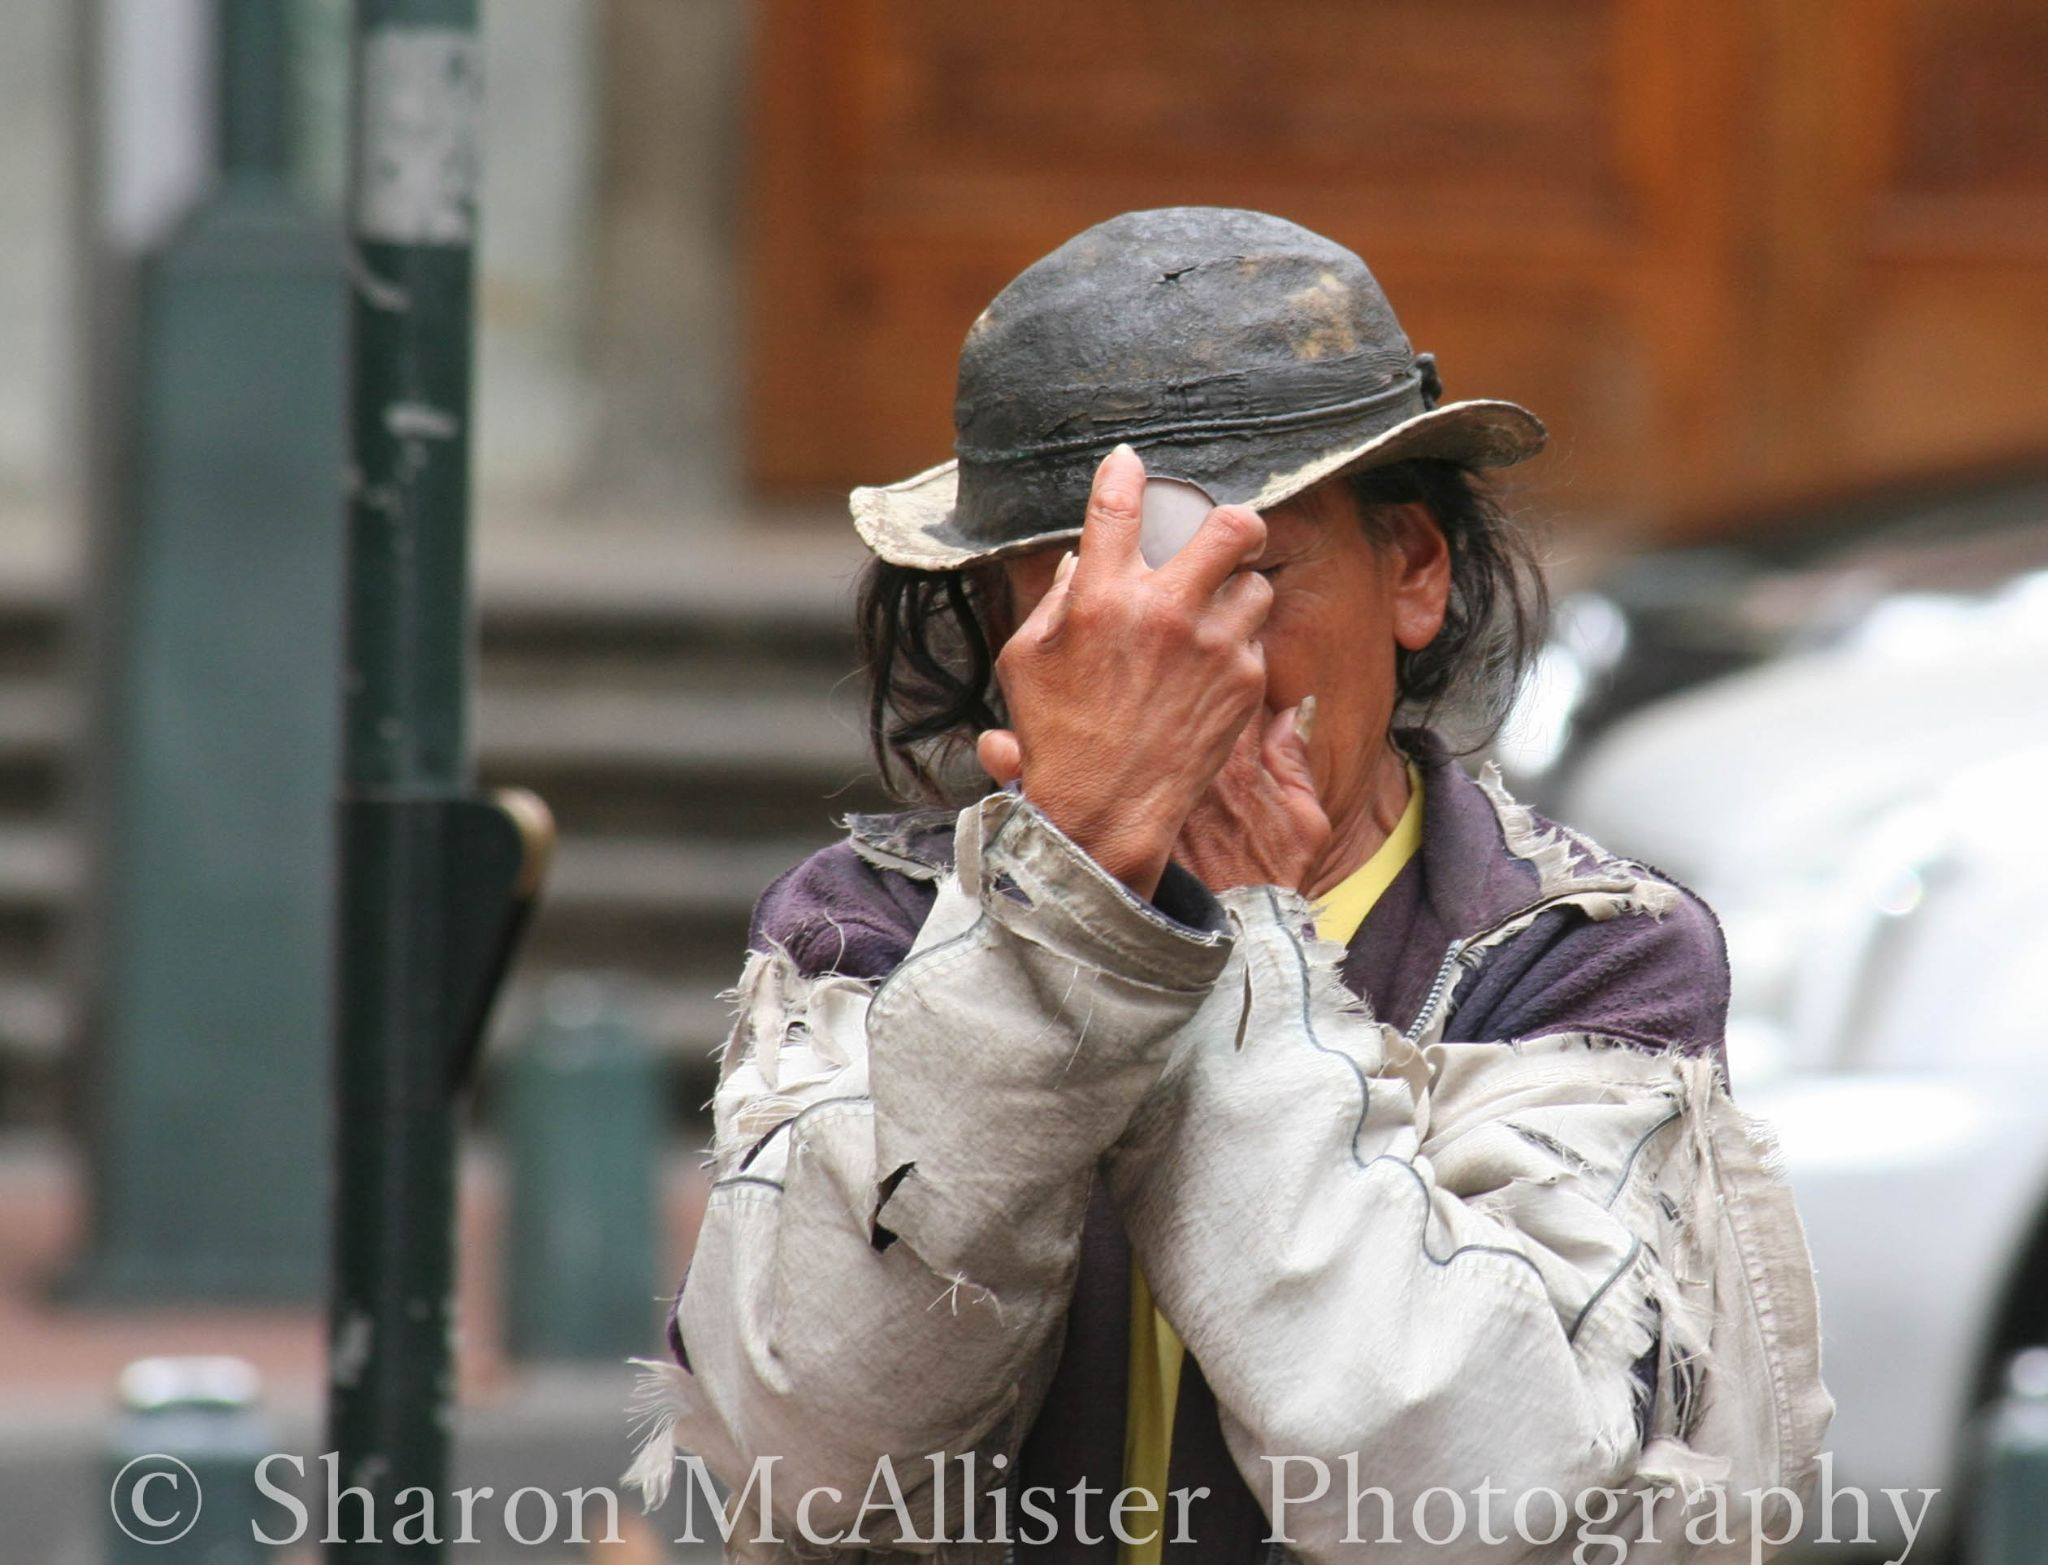 Homeless in ecuador by Sharon McAllister